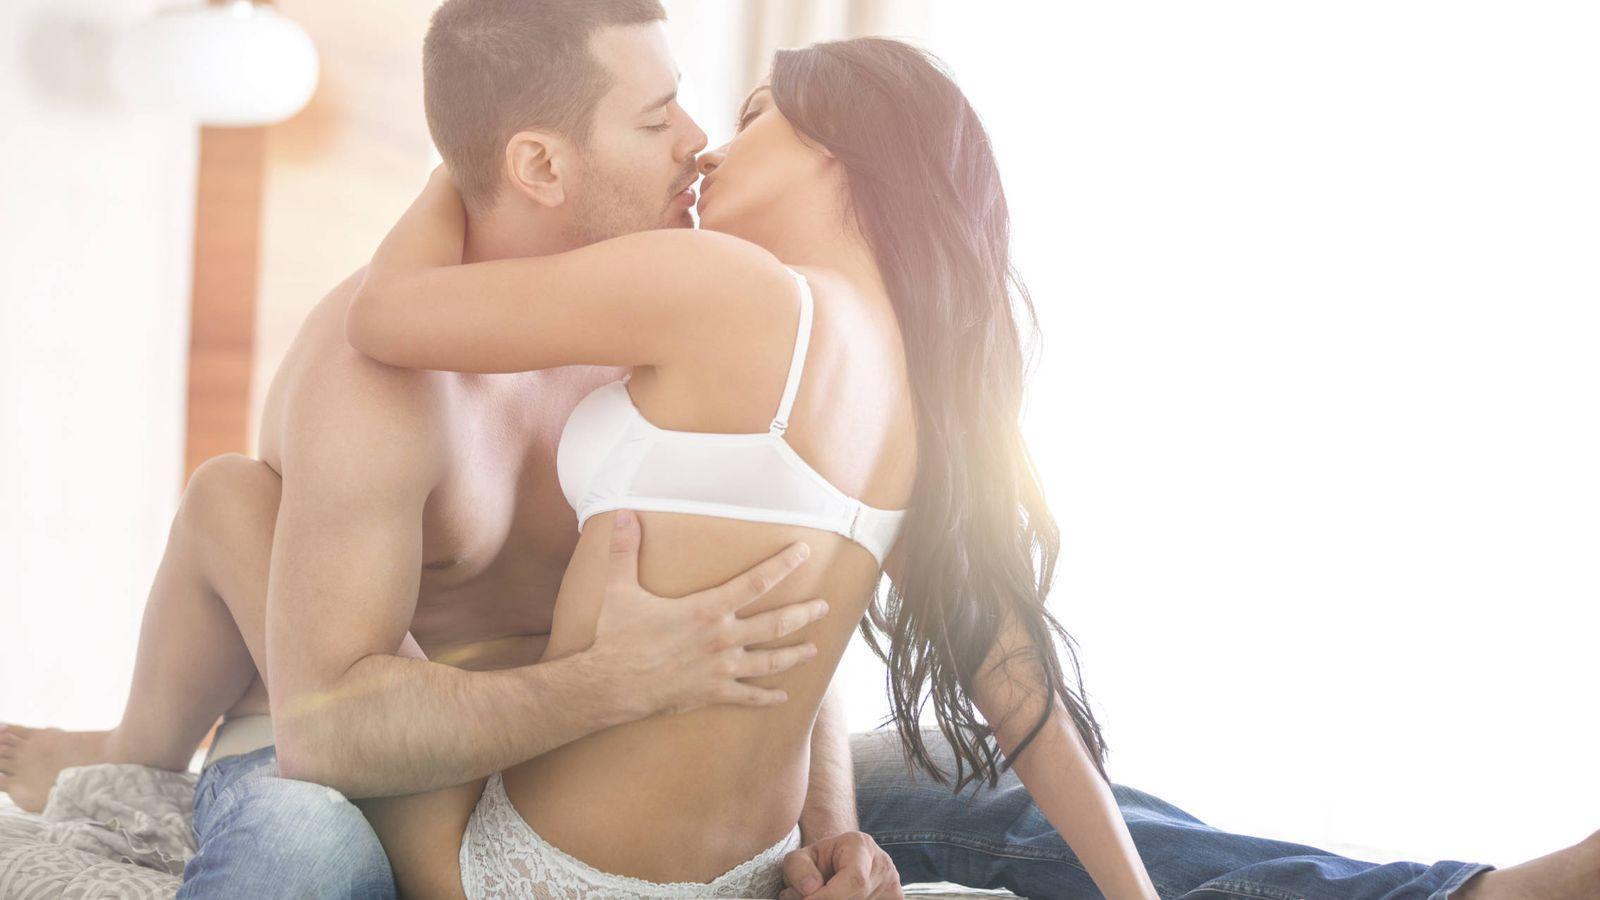 Prignent extream amateur porn